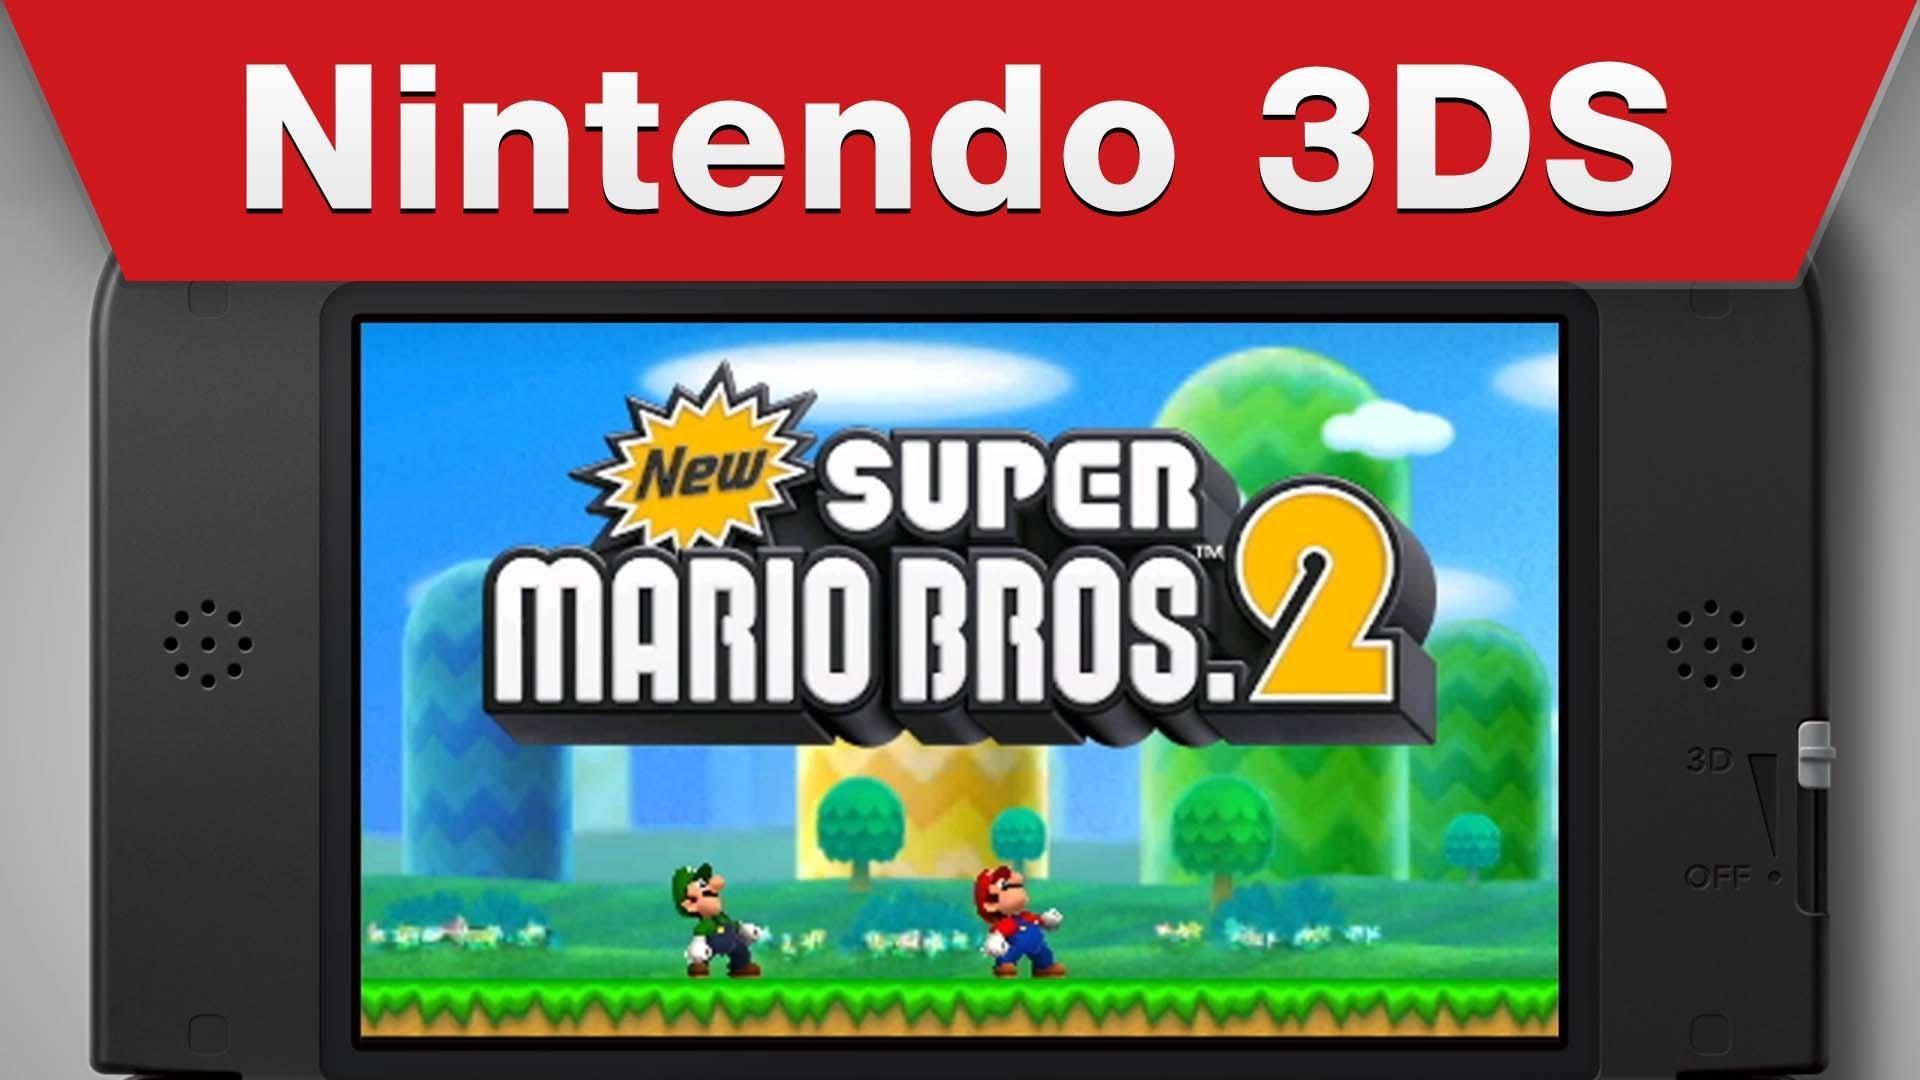 Nintendo Reveal New New Super Mario Bros 2 Details